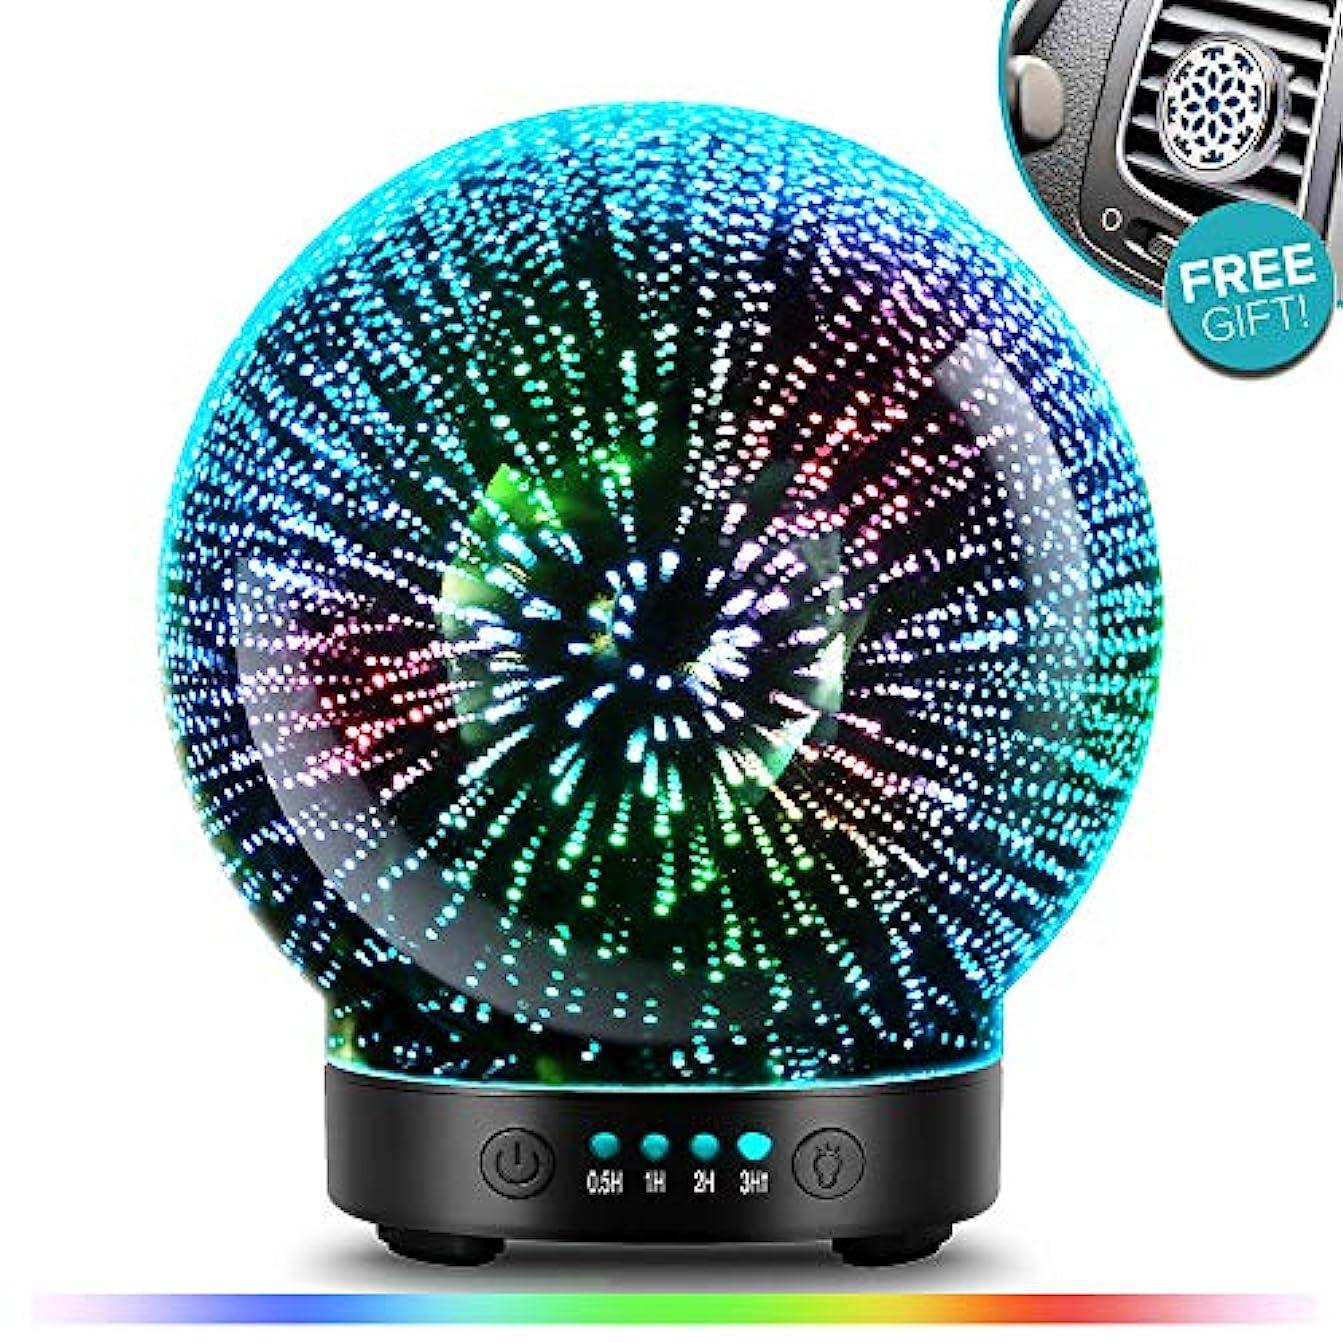 先はぁ役に立たないPOBEES 3グラスアロマエッセンシャルオイルディフューザー - 最新バージョン 香り オイル加湿器7 花火 テーマプレミアム超音波ミスト自動オフ安全スイッチカーベントクリップカラー照明モードを主導